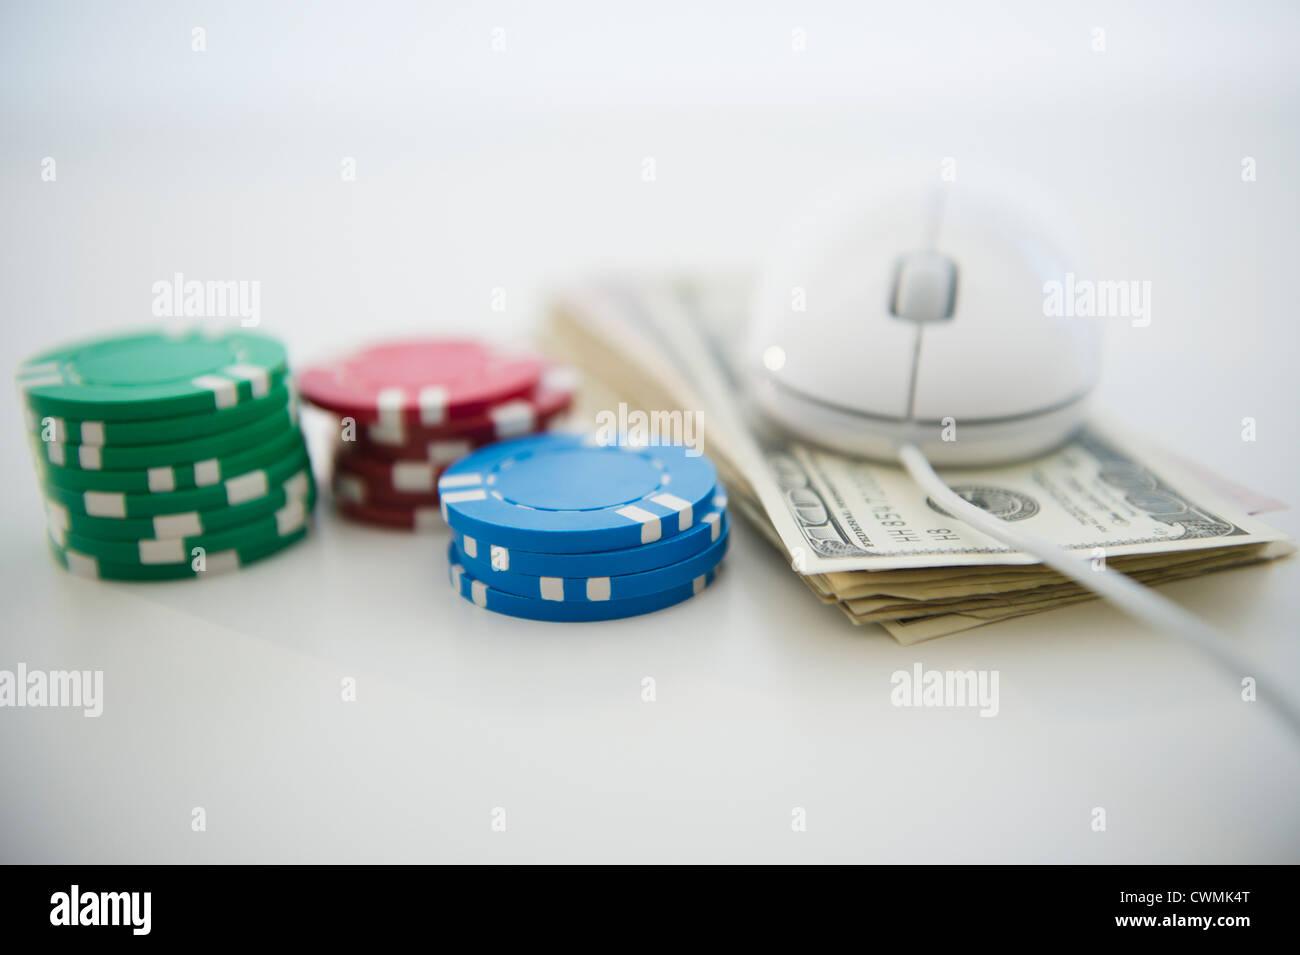 Roulette-Token, Dollarscheine und Computer-Maus Stockbild